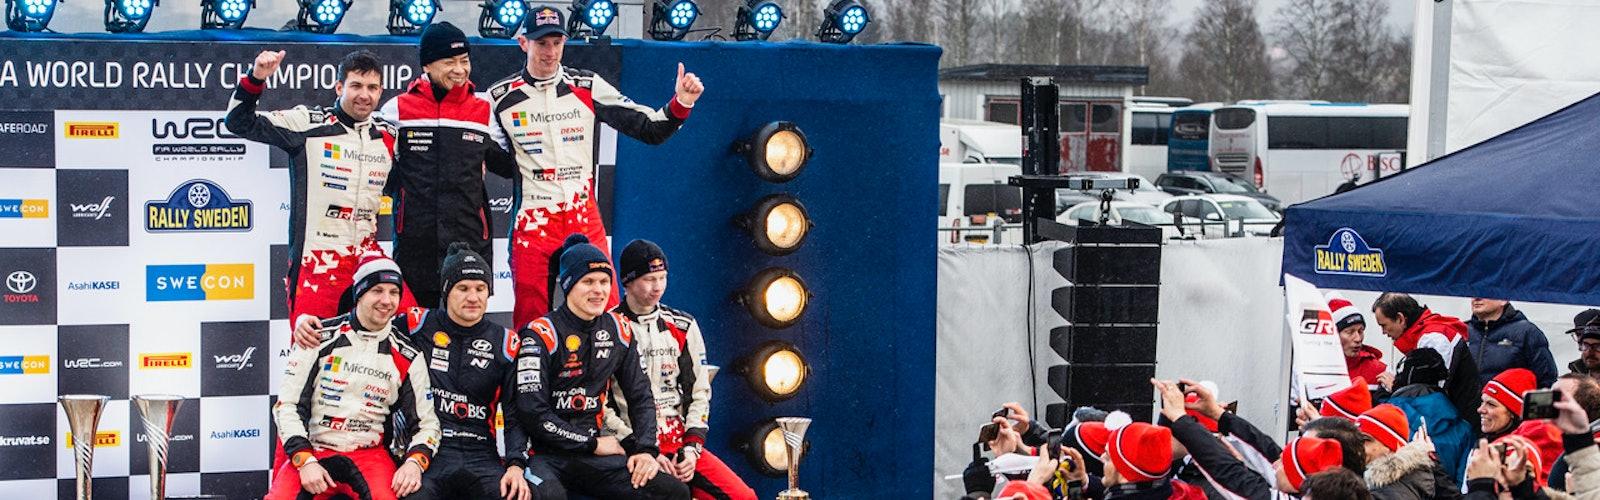 Rally Sweden podium 2020